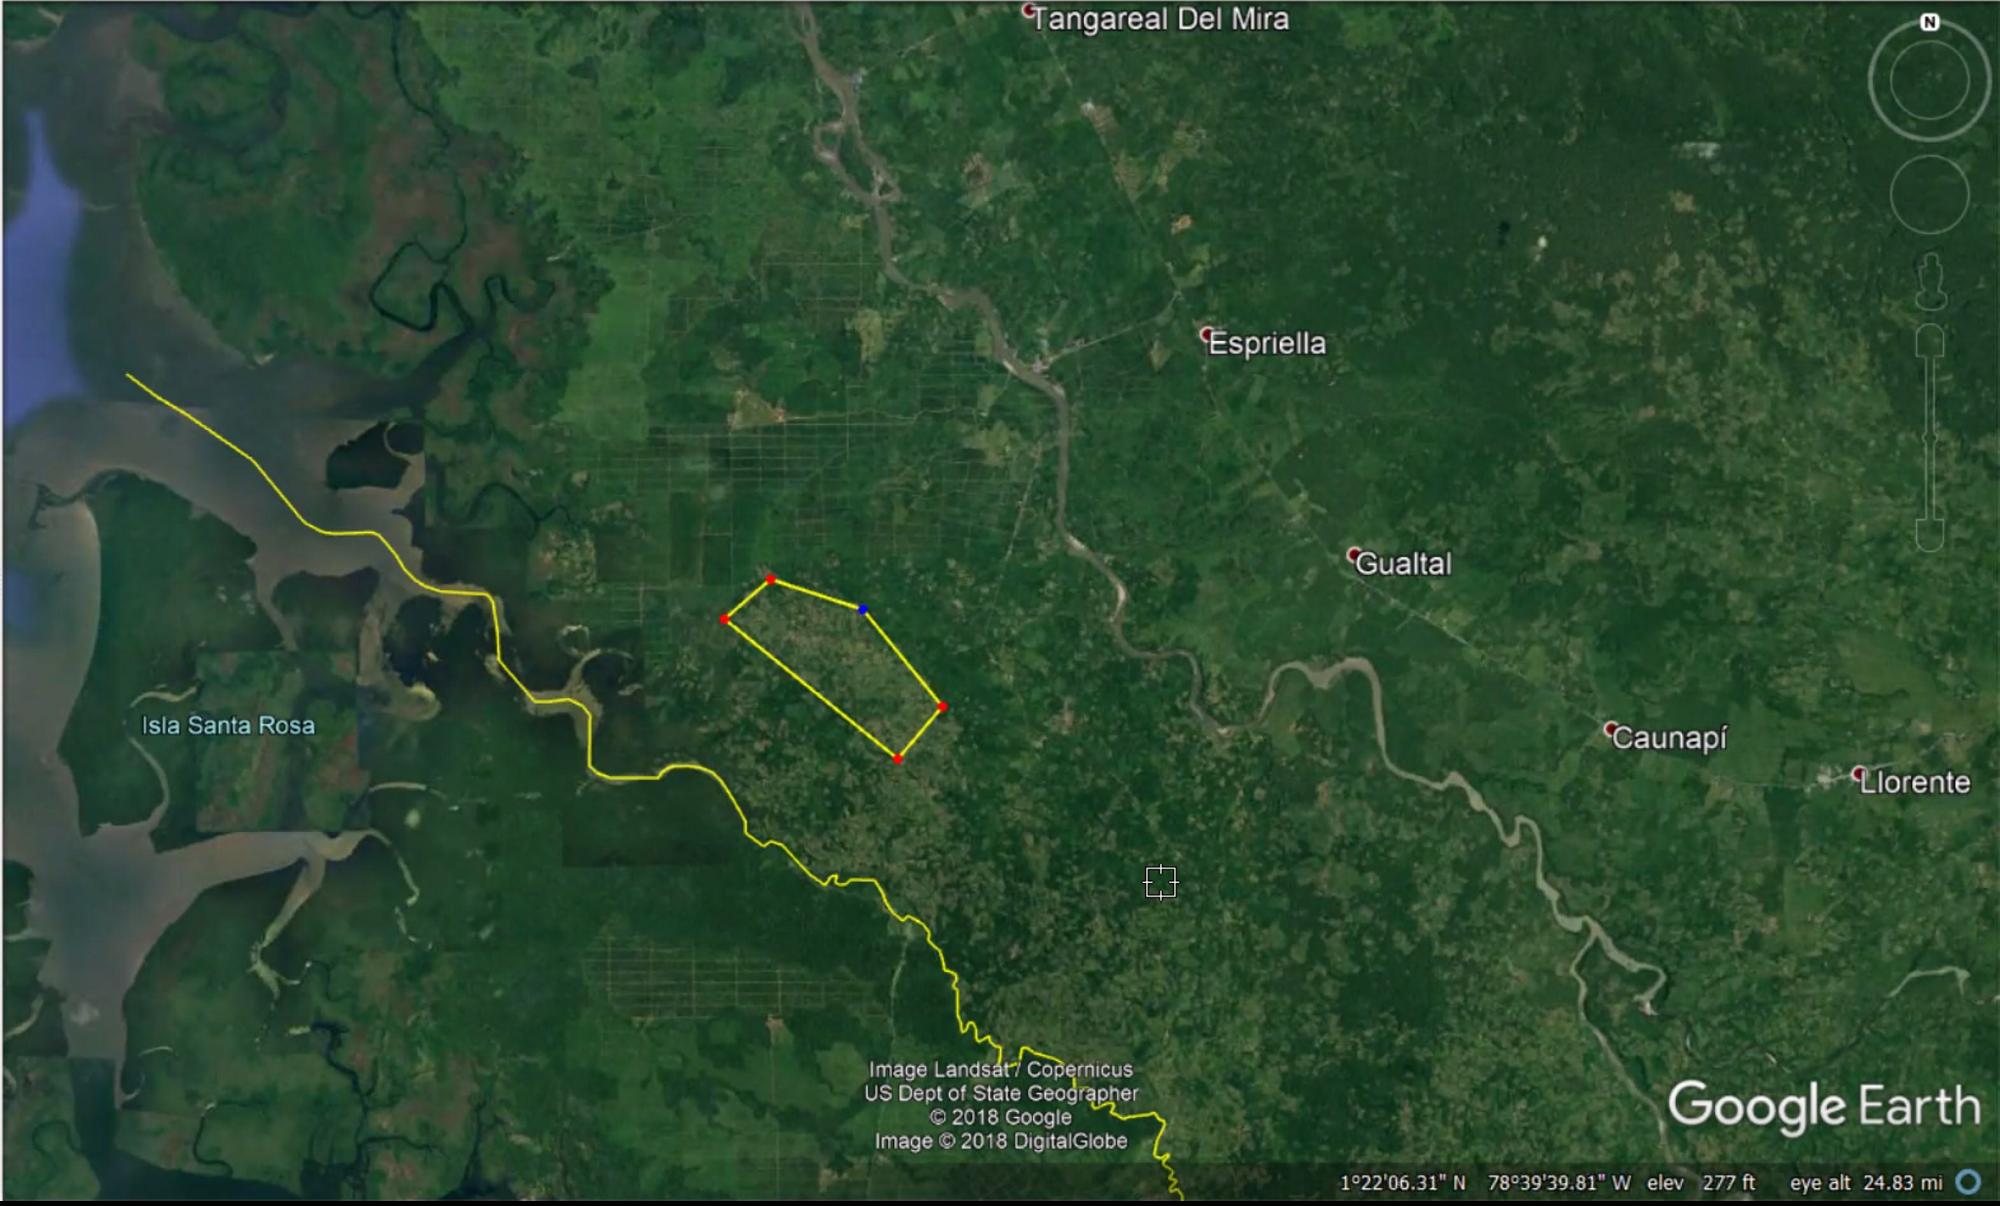 El polígono rodeado poramarillo es, según Carlos Corredor de Palmeiras SA, el área de las 800 hectáreas que se traslapan entre el consejo comunitario de Alto Mira y Frontera y la empresa palmicultora. Imagen: Google Earth.